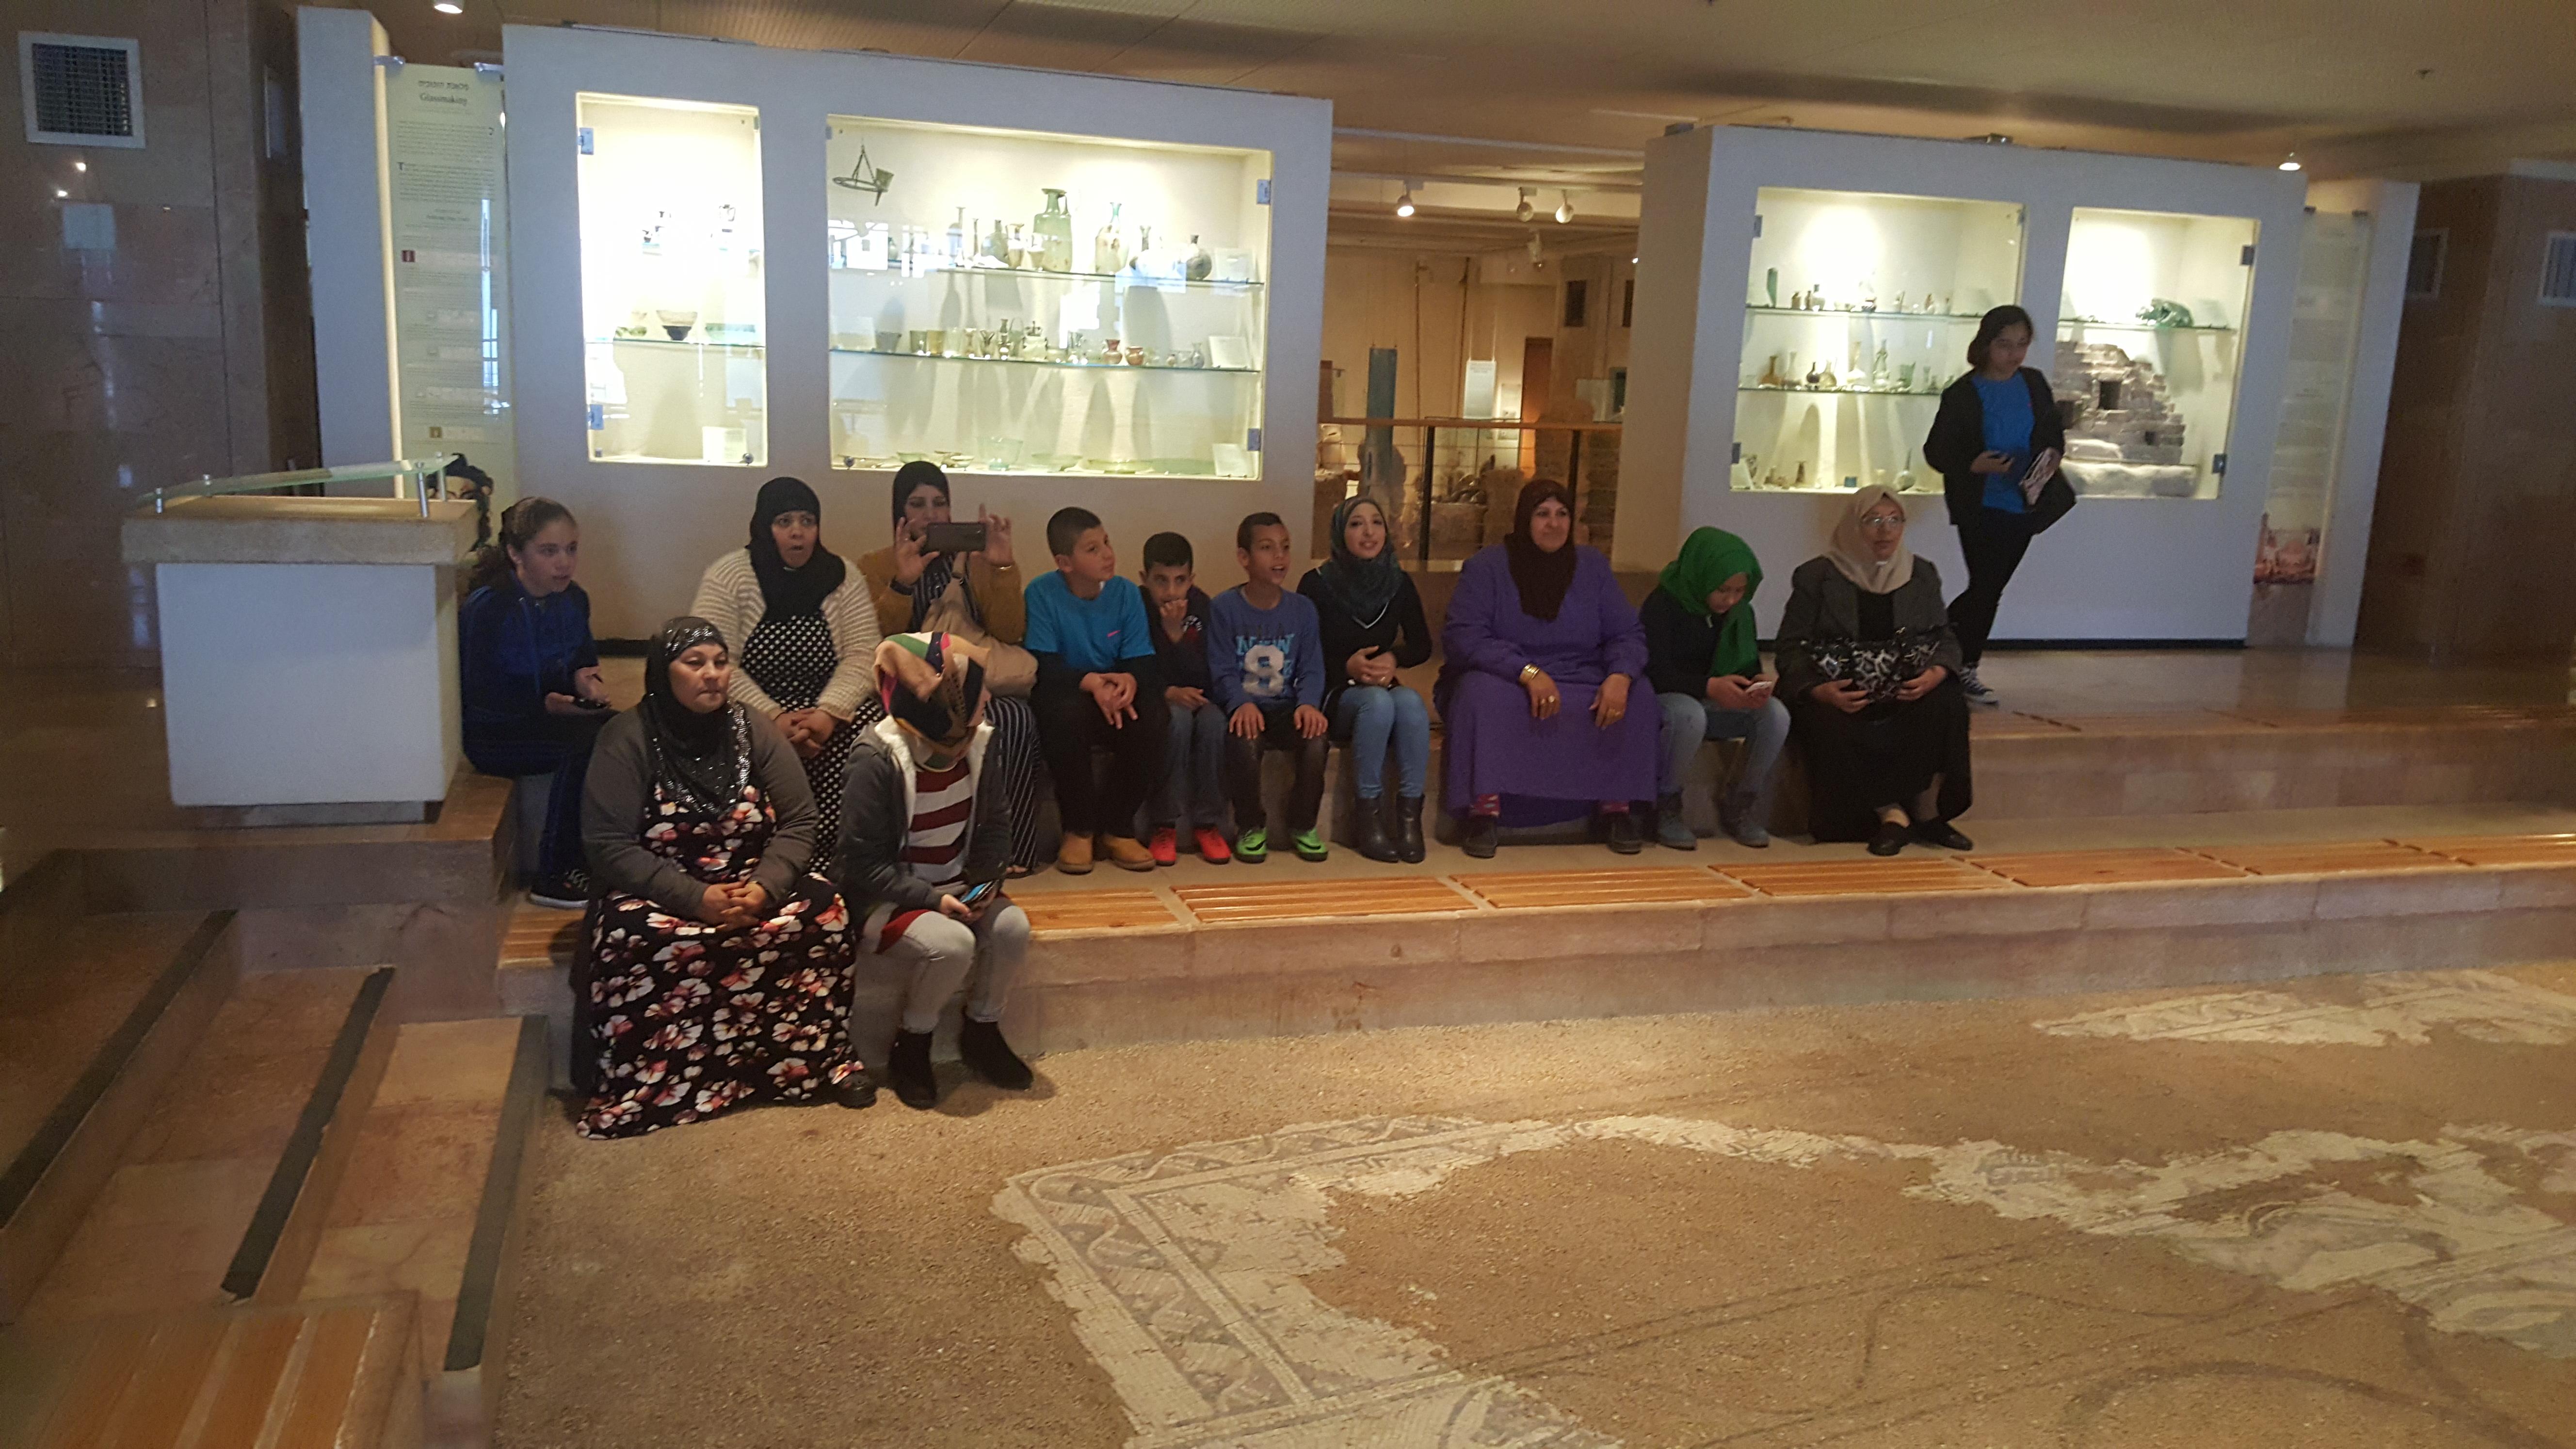 جسر الاجيال- مدرسة المتنبي ام الفحم by fatima  - Ourboox.com